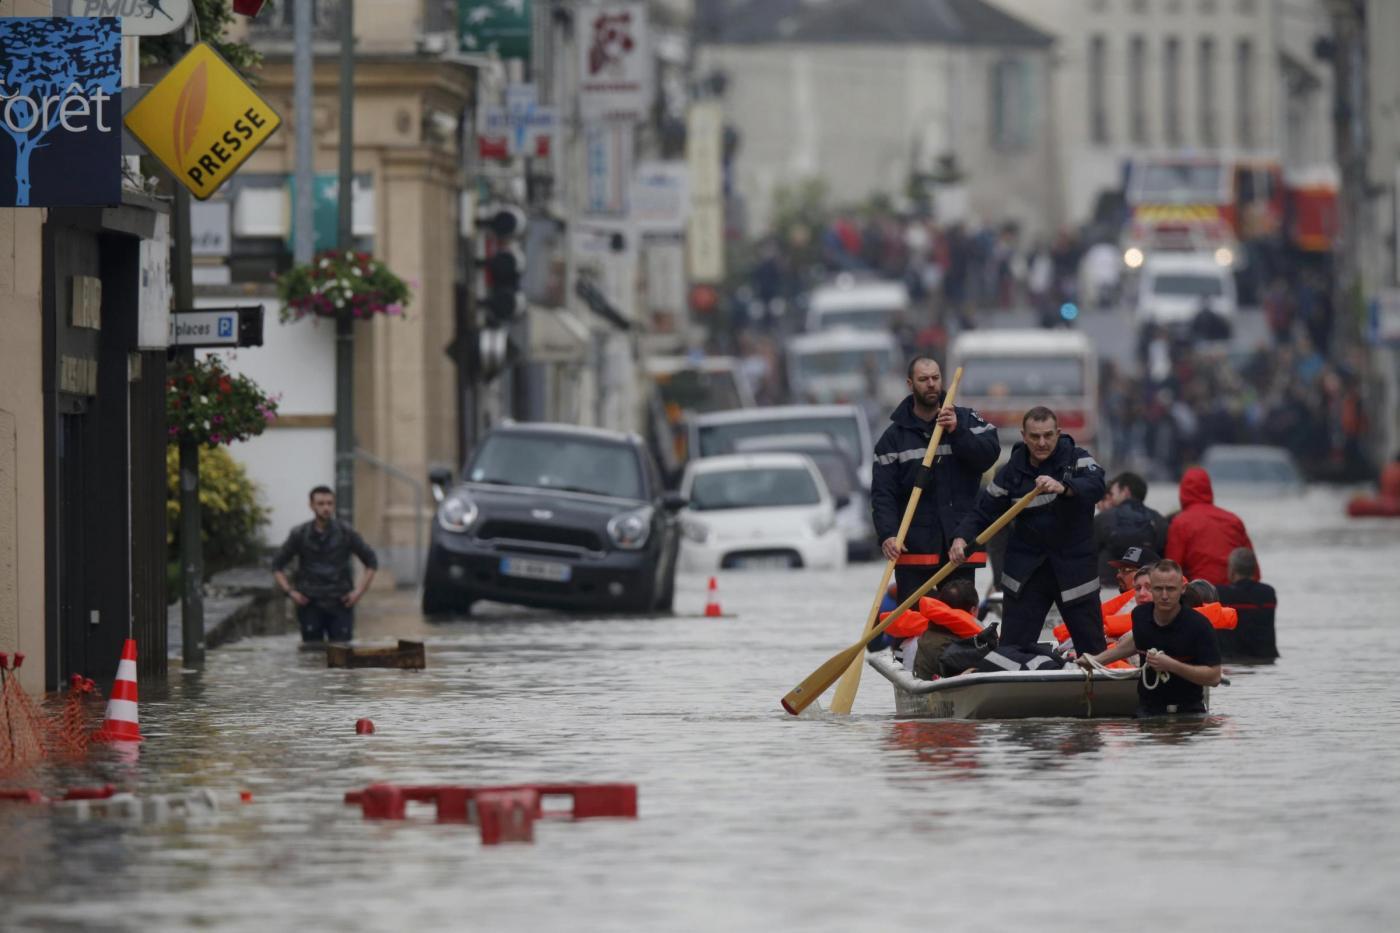 Maltempo in Francia, Hollande dichiara lo stato di catastrofe naturale